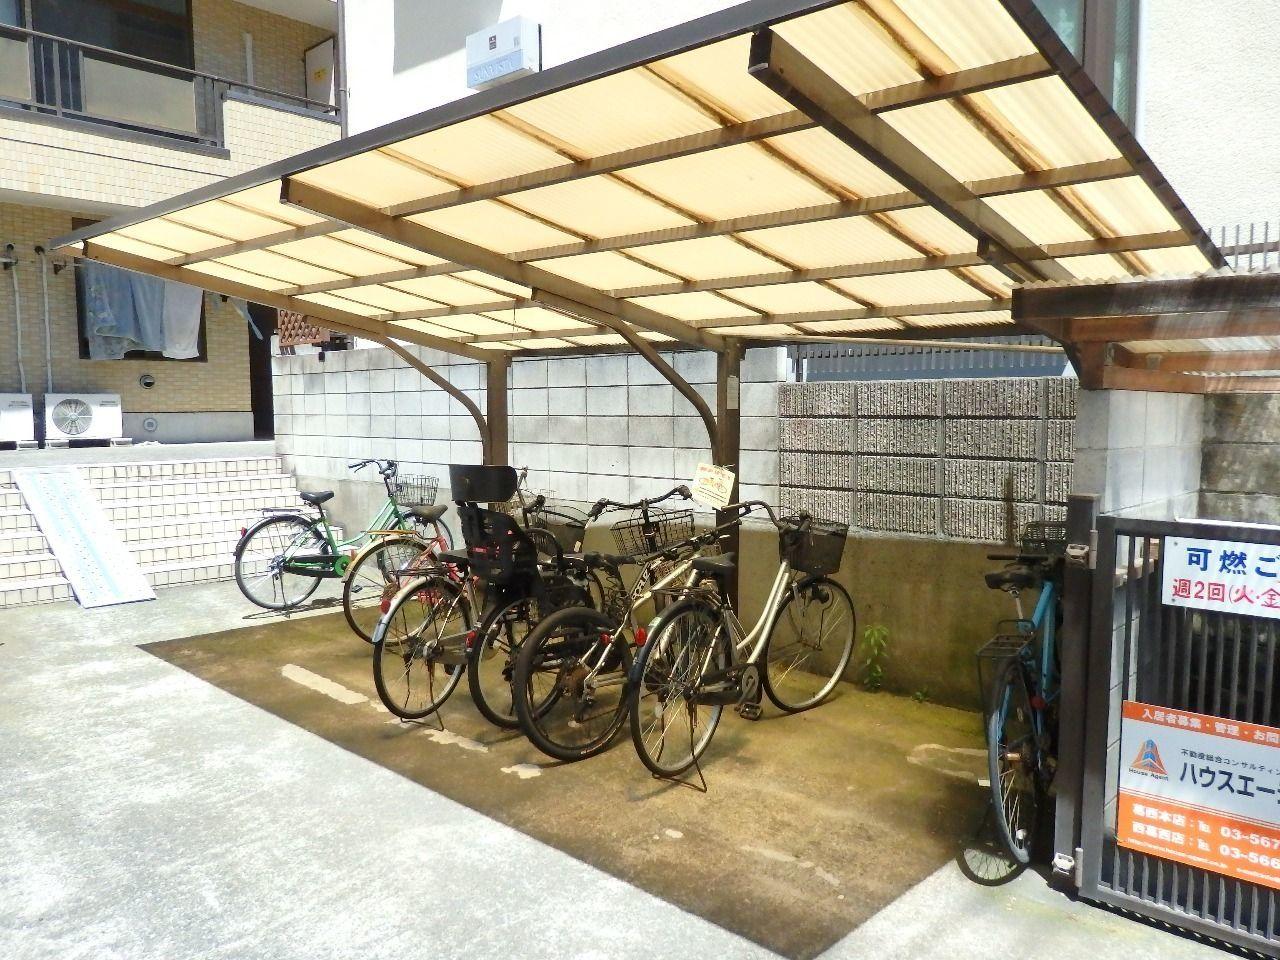 自転車専用の駐輪場です。1階の部屋の前にはバイク(小型・有料)も駐輪できます。